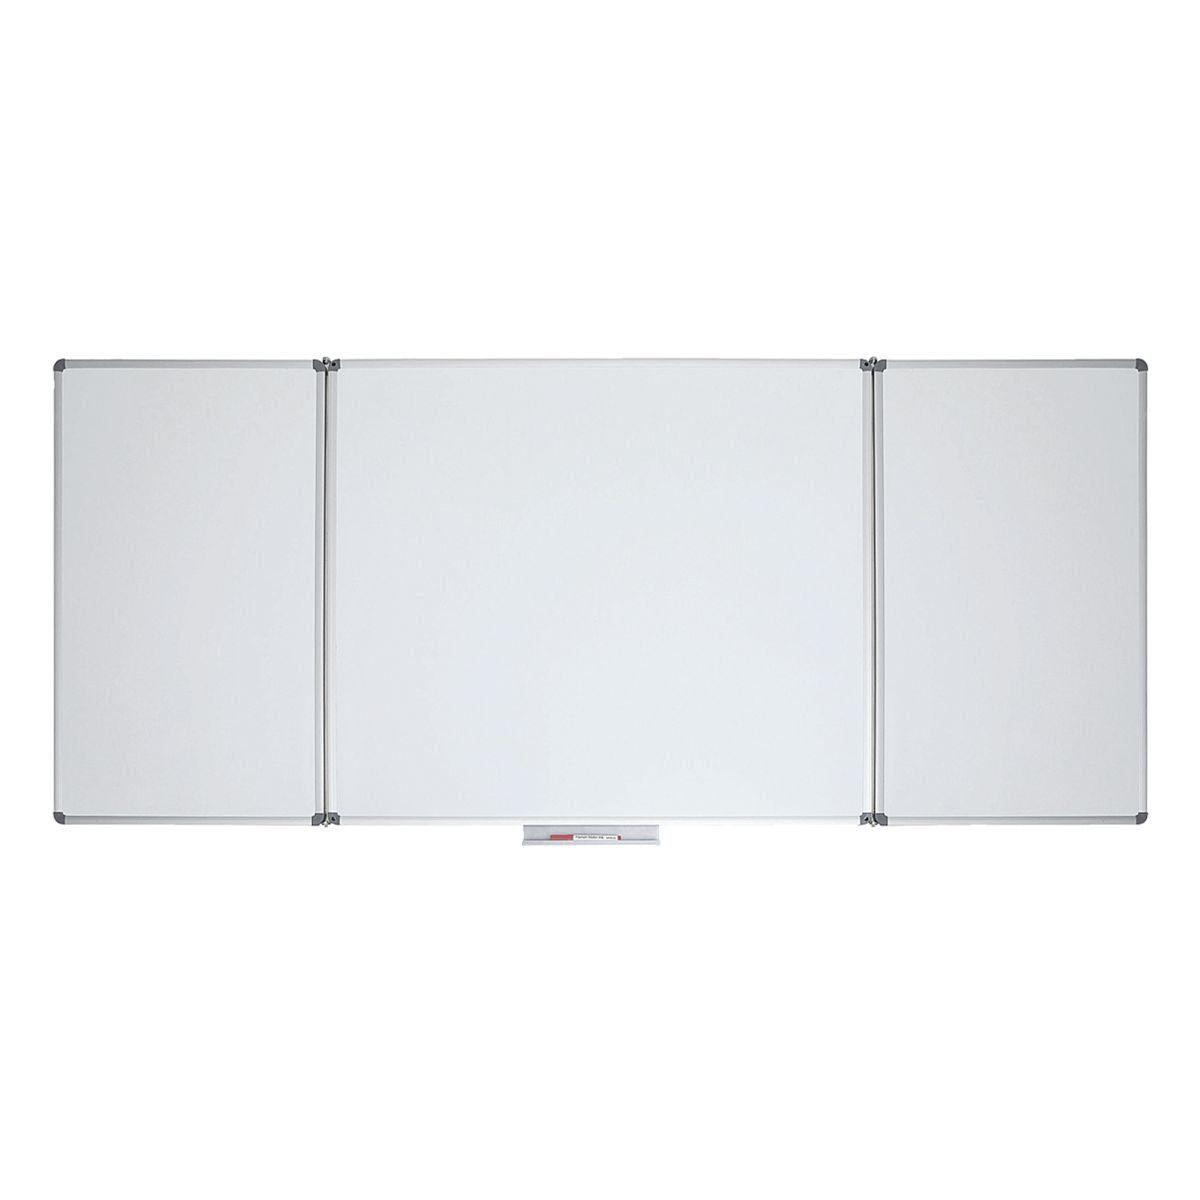 Maul Whiteboard-Klapptafel kunststoffbeschichtet, 120 x 100 cm »6458084«